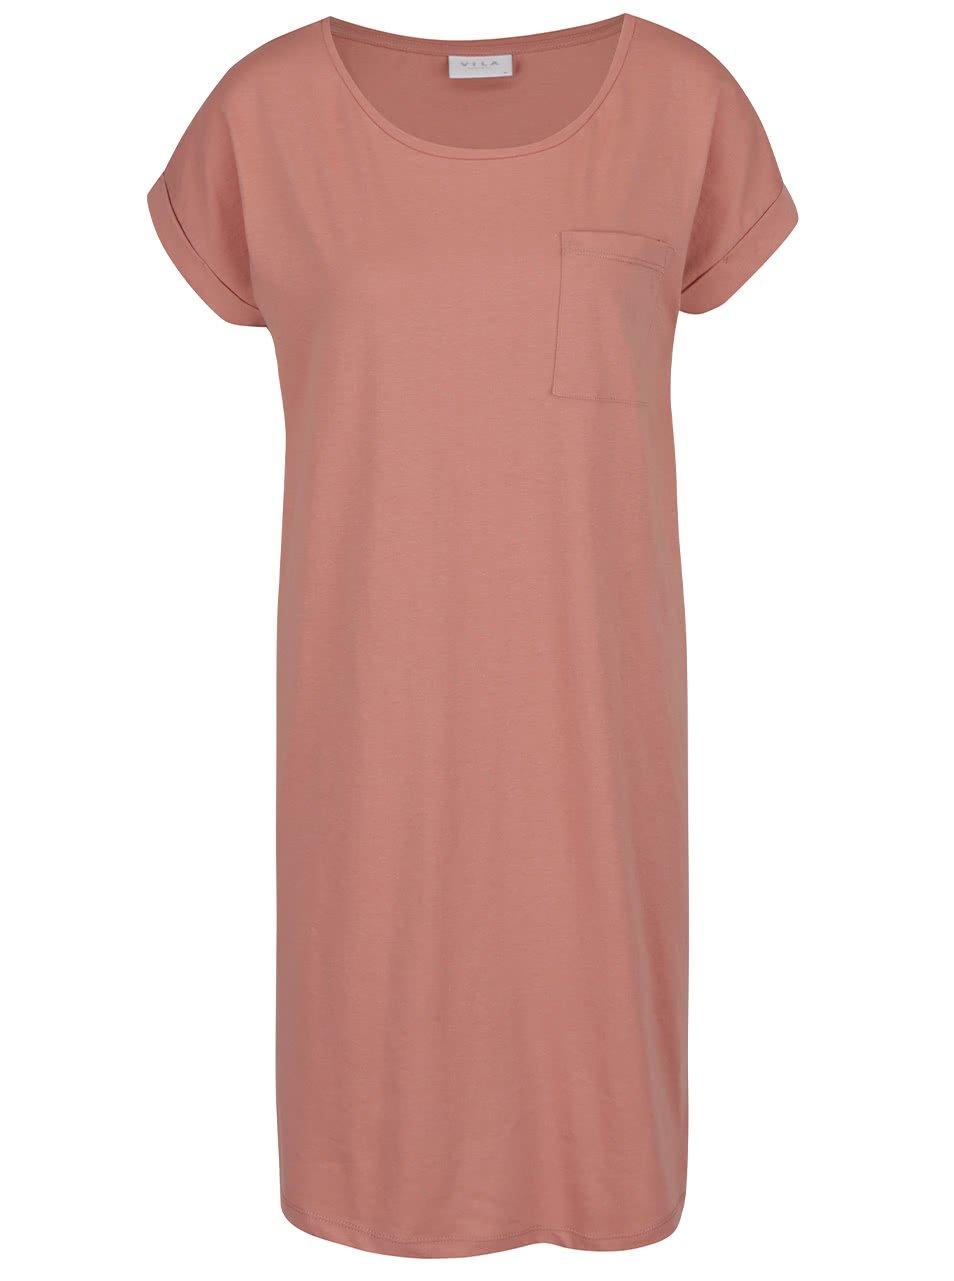 Starorůžové volné šaty s kapsou VILA Dreamers